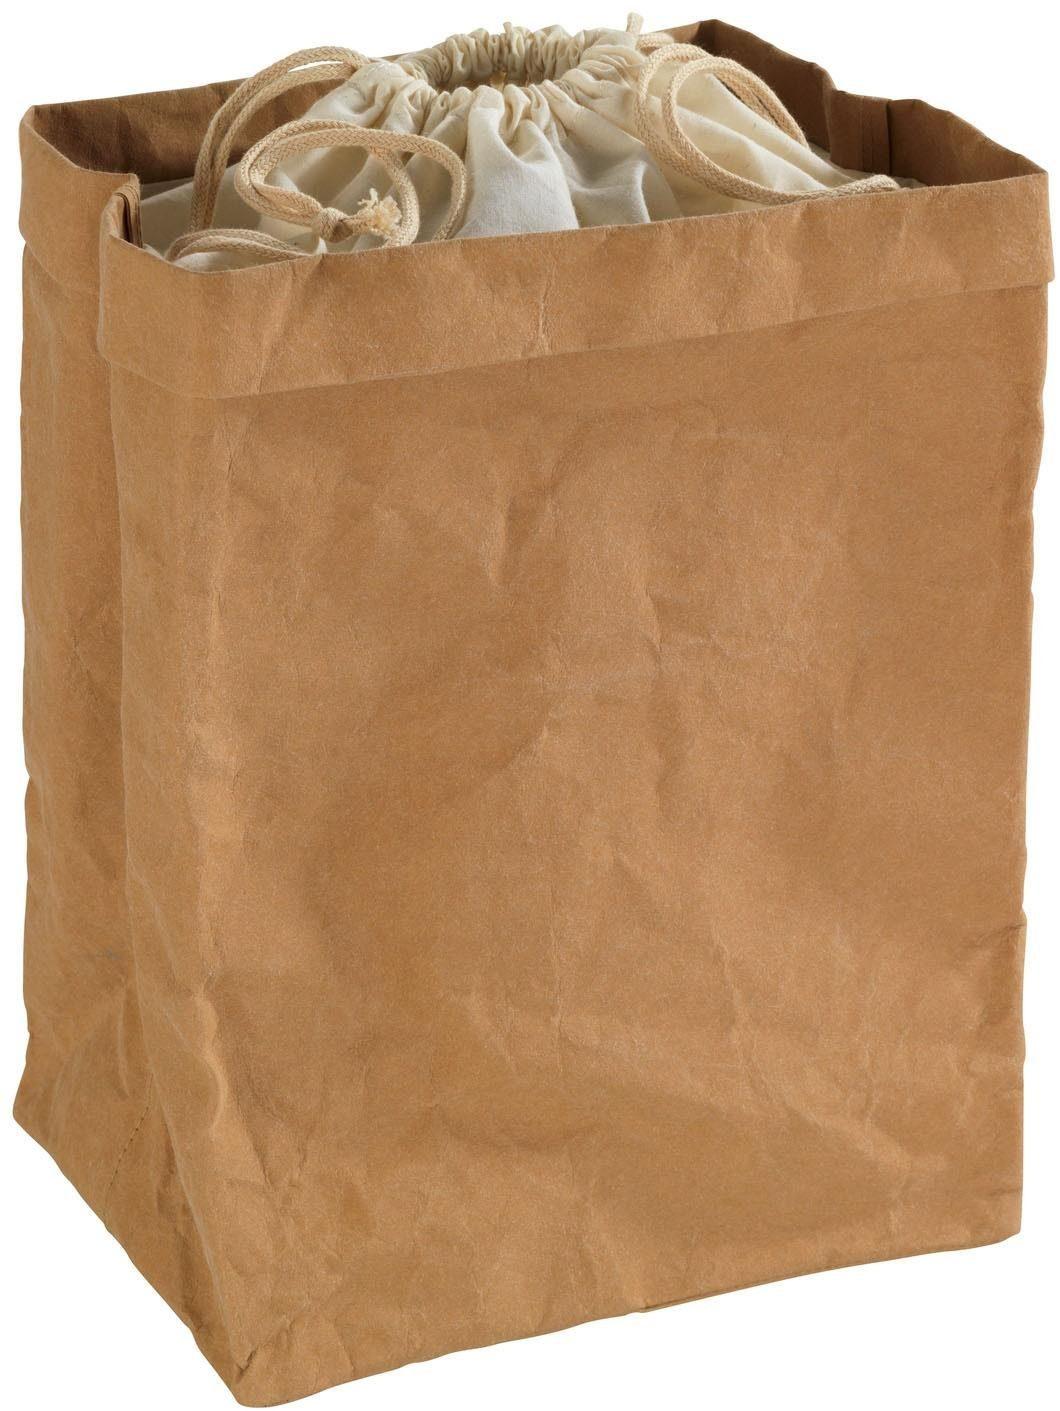 WENKO Aufbewahrungstüte aus Papier mit Stoffbeutel, für die lichtgeschützte/atmungsaktive Lagerung